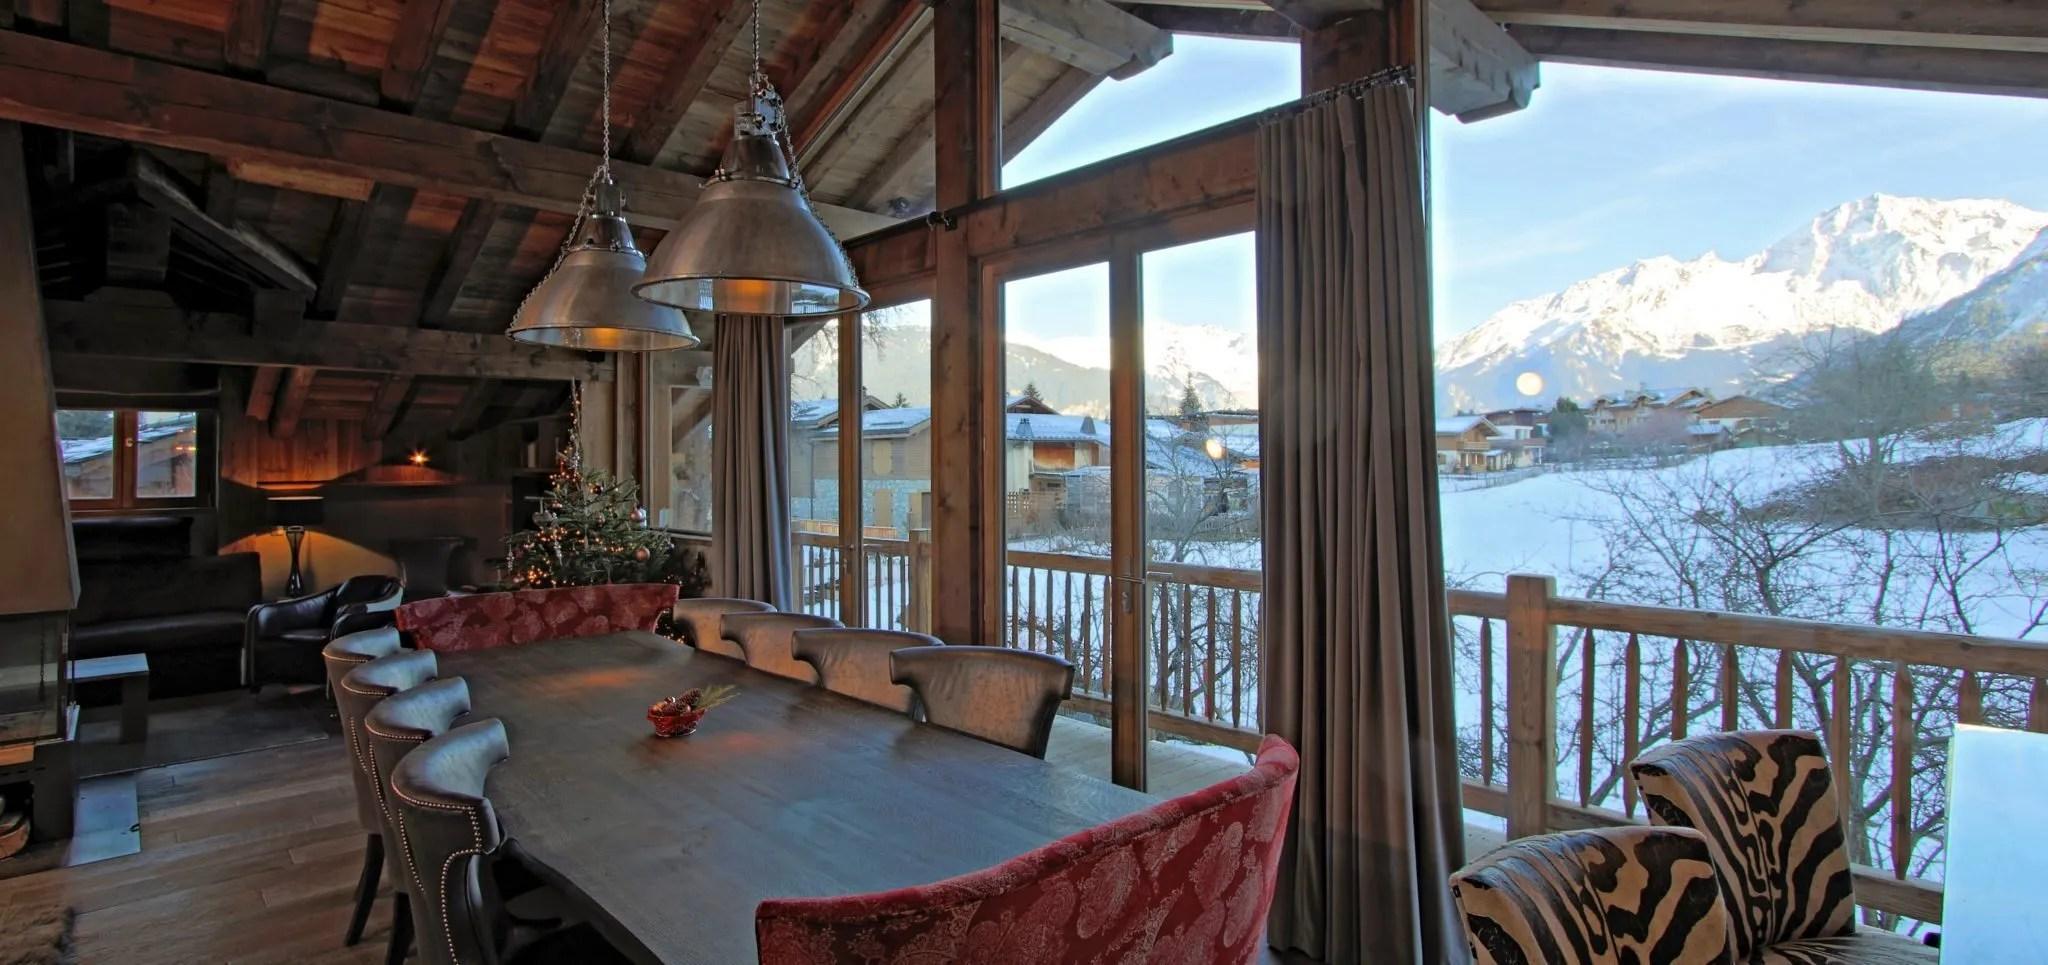 Dulcis Casu dining room and view